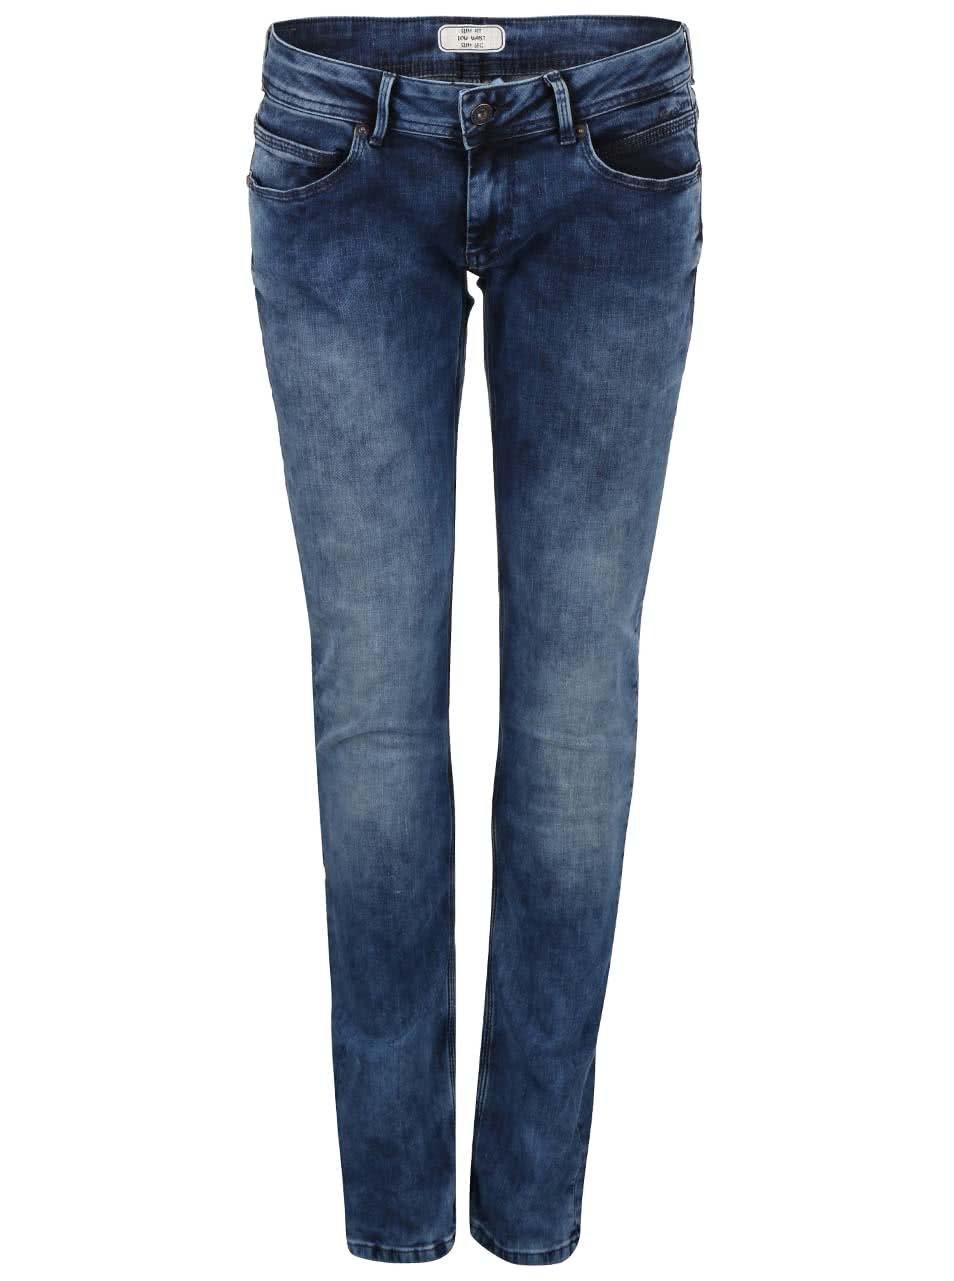 Modré dámské slim fit džíny s nízkým pasem Pepe Jeans Ariel